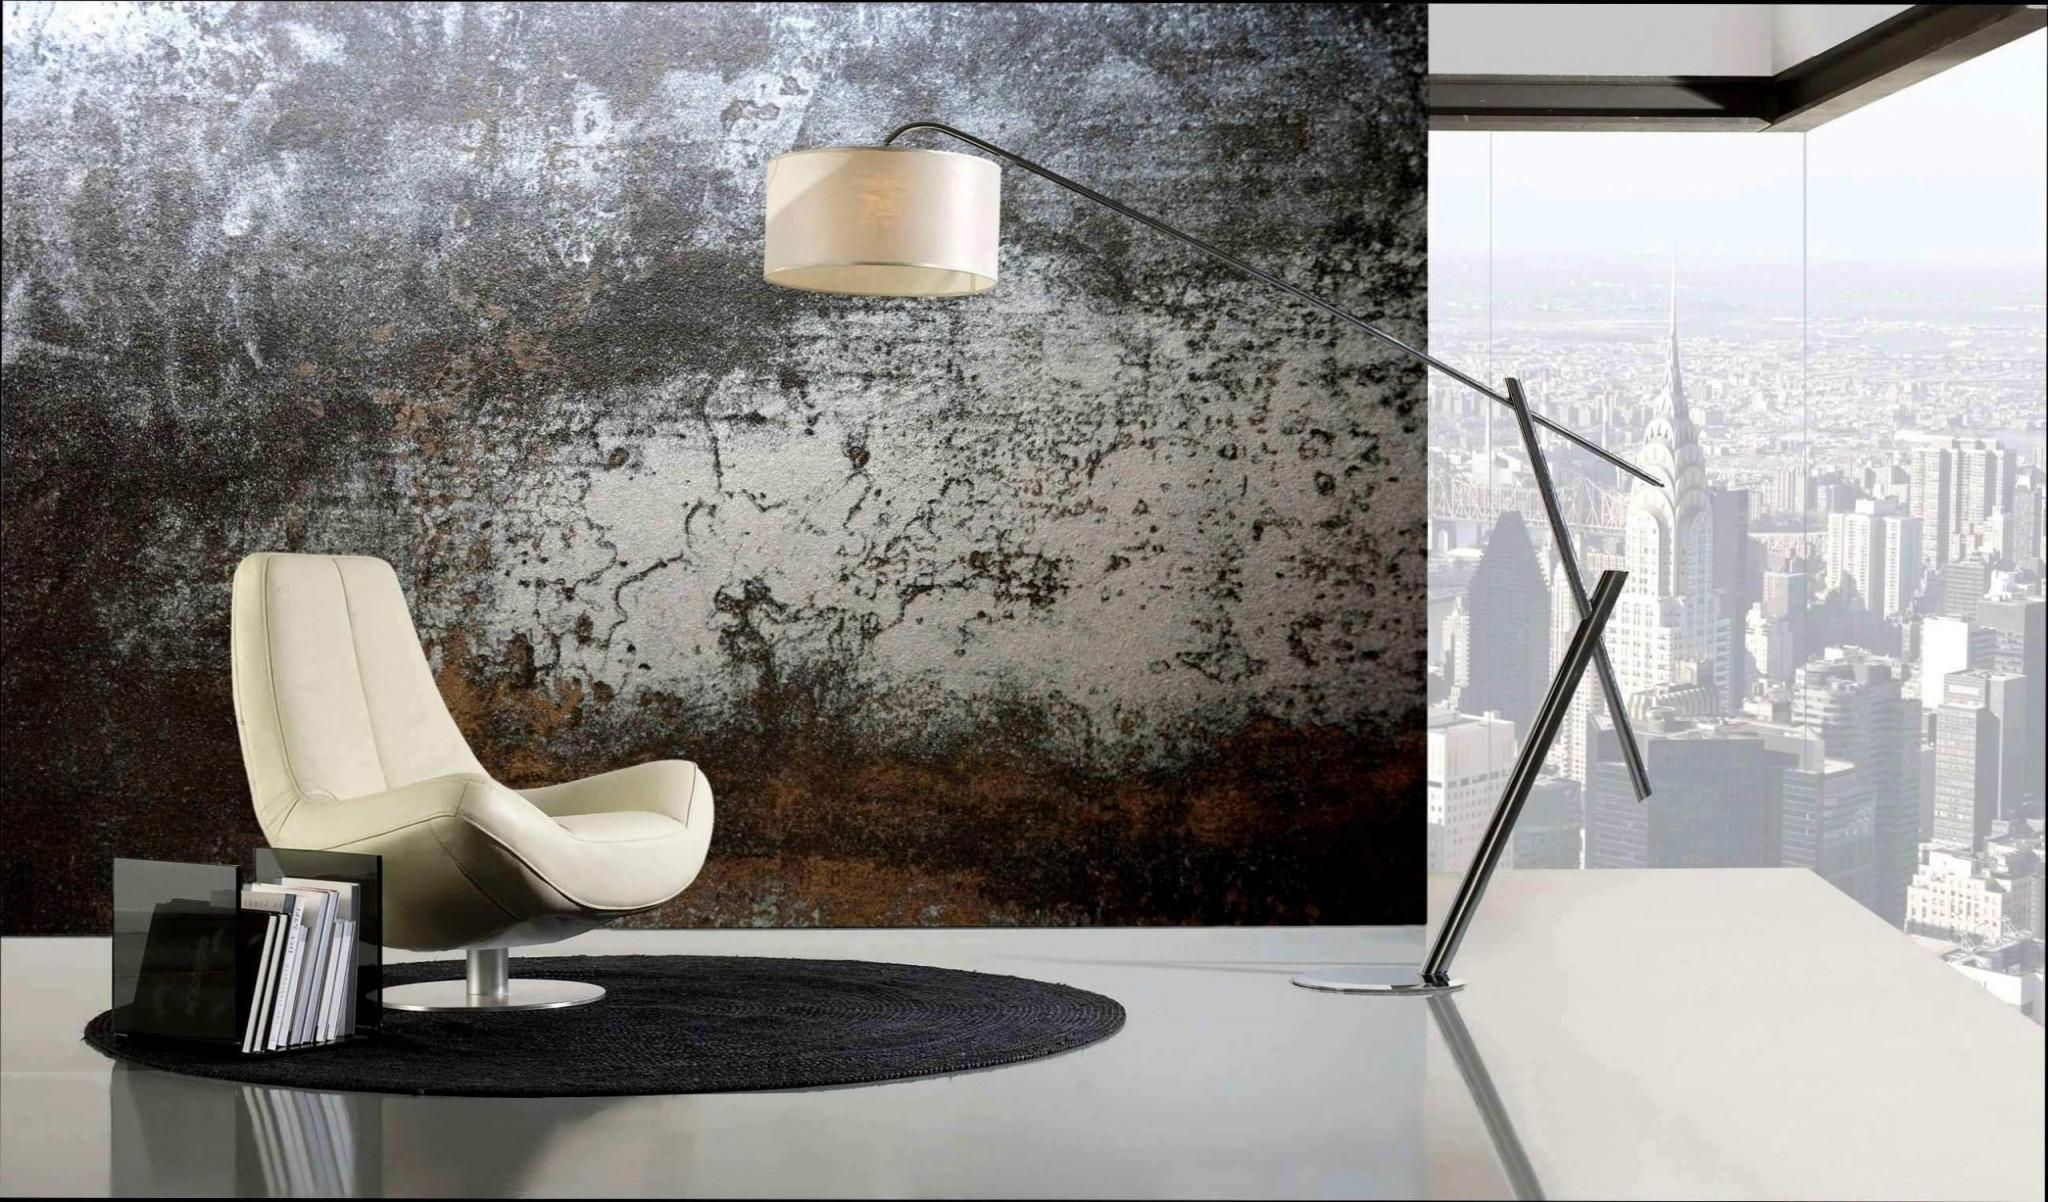 Fototapete Für Wohnzimmer Genial Moderne Tapeten Fr von Moderne Fototapeten Für Wohnzimmer Bild